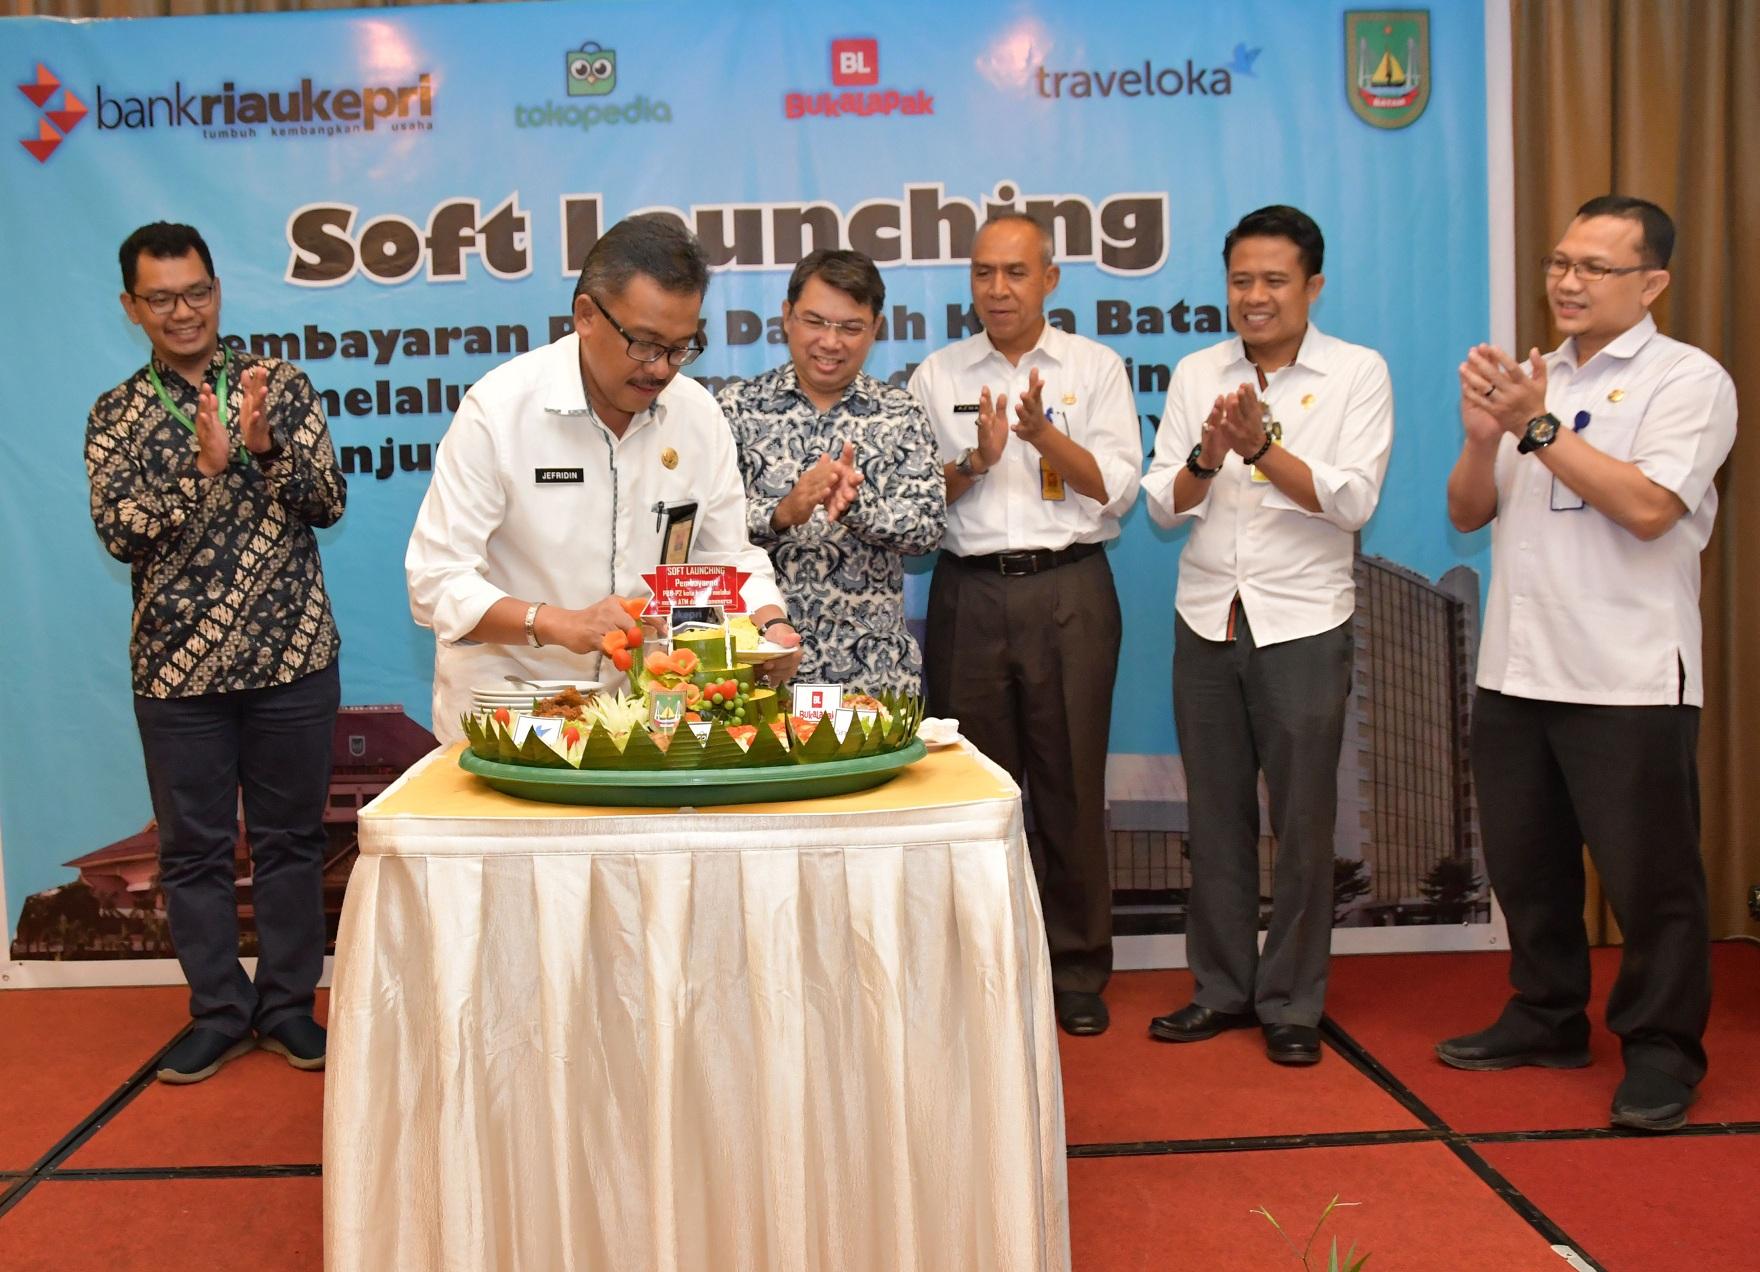 Soft Launching pembayaran PBB-P2 melaui e-commerce dan mesin Anjungan Tunai Mandiri (ATM) Bank Riau Kepri ditandai dengan pemotongan tumpeng oleh Sekda Kota Batam H. Jefridin, M.Pd bersama Pemimpin Divisi Produk Dana dan Jasa Bank Riau Kepri Yuharman, Kepala Dinas Damkar Kota Batam Azman, Sekretaris BPKAD Kota Batam Faizal Riza dan Kabid Pengembangan Evaluasi dan Sistem Informasi BP2RD Kota Batam Harry Dermawan, SE, MM serta Public Policy and Government Relations Specialist Tokopedia Awe Tsamma, Rabu, (28/8/19) di Ballroom Hotel Harmoni, Nagoya, Batam.